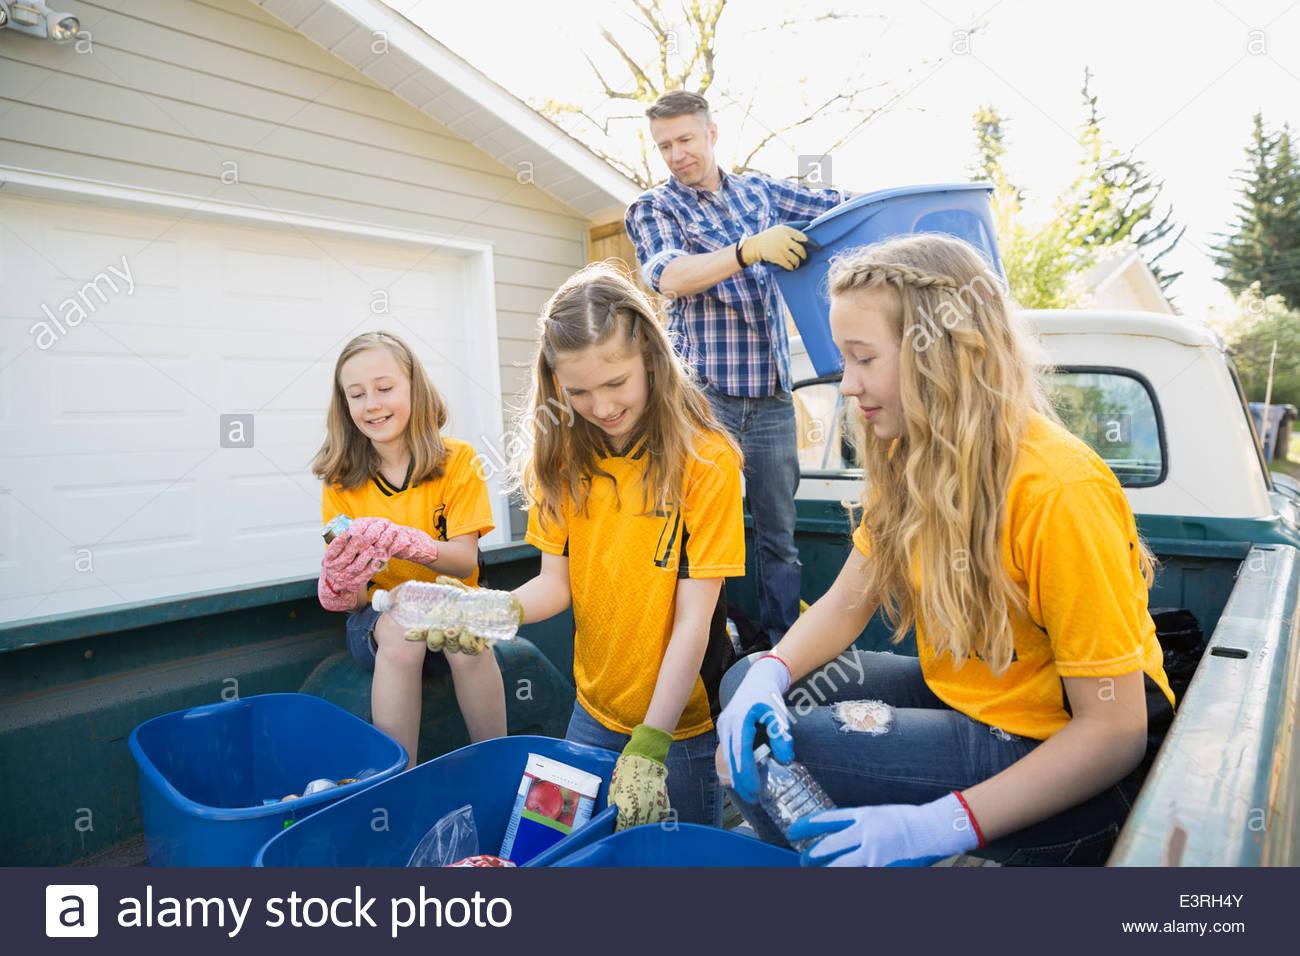 Las niñas con uniformes de ordenar el reciclaje en la caja de la camioneta Imagen De Stock